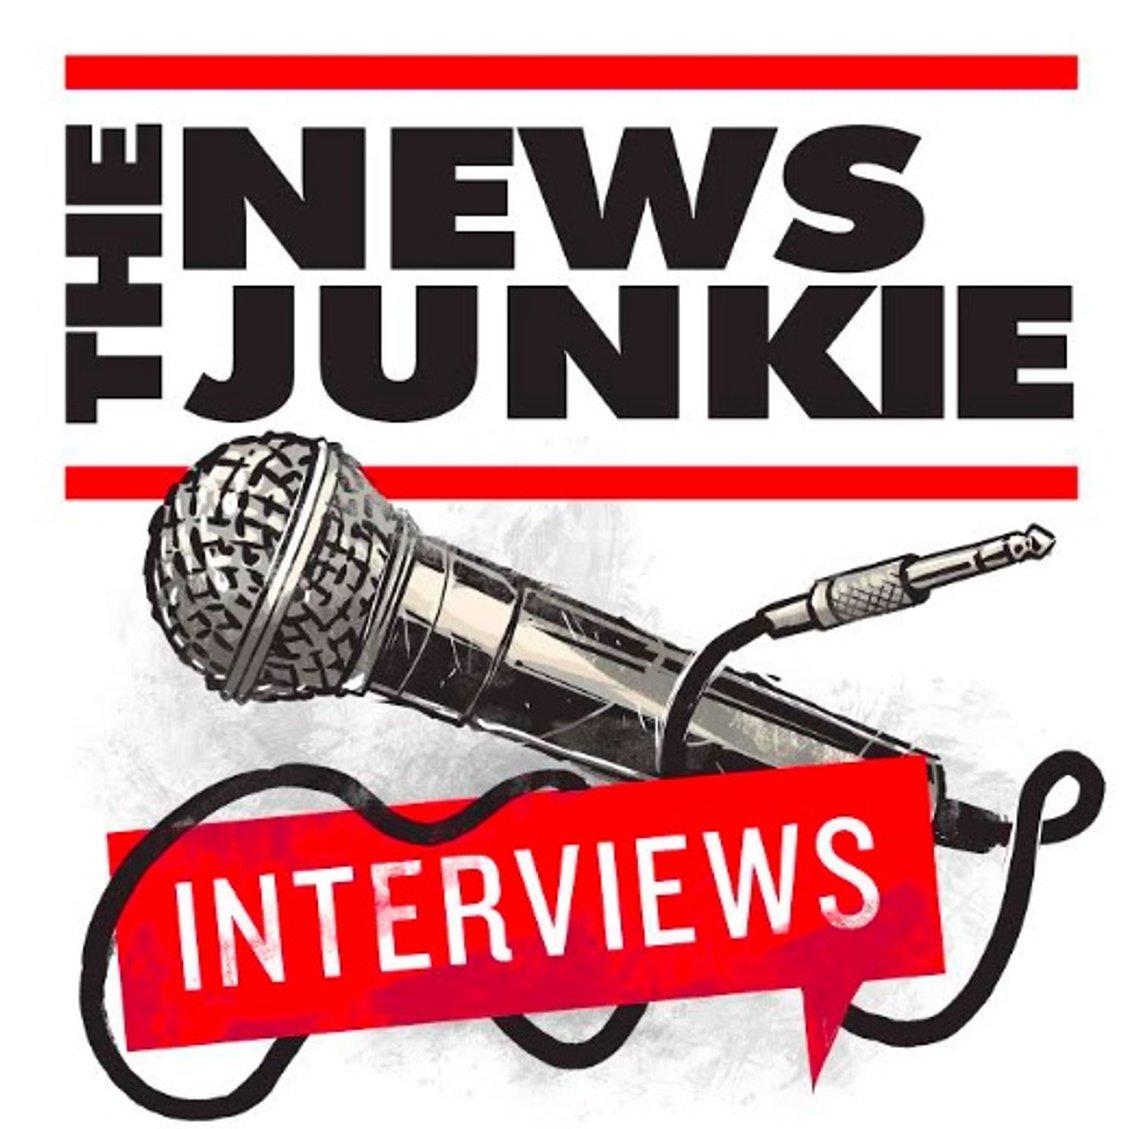 The News Junkie: Interviews - immagine di copertina